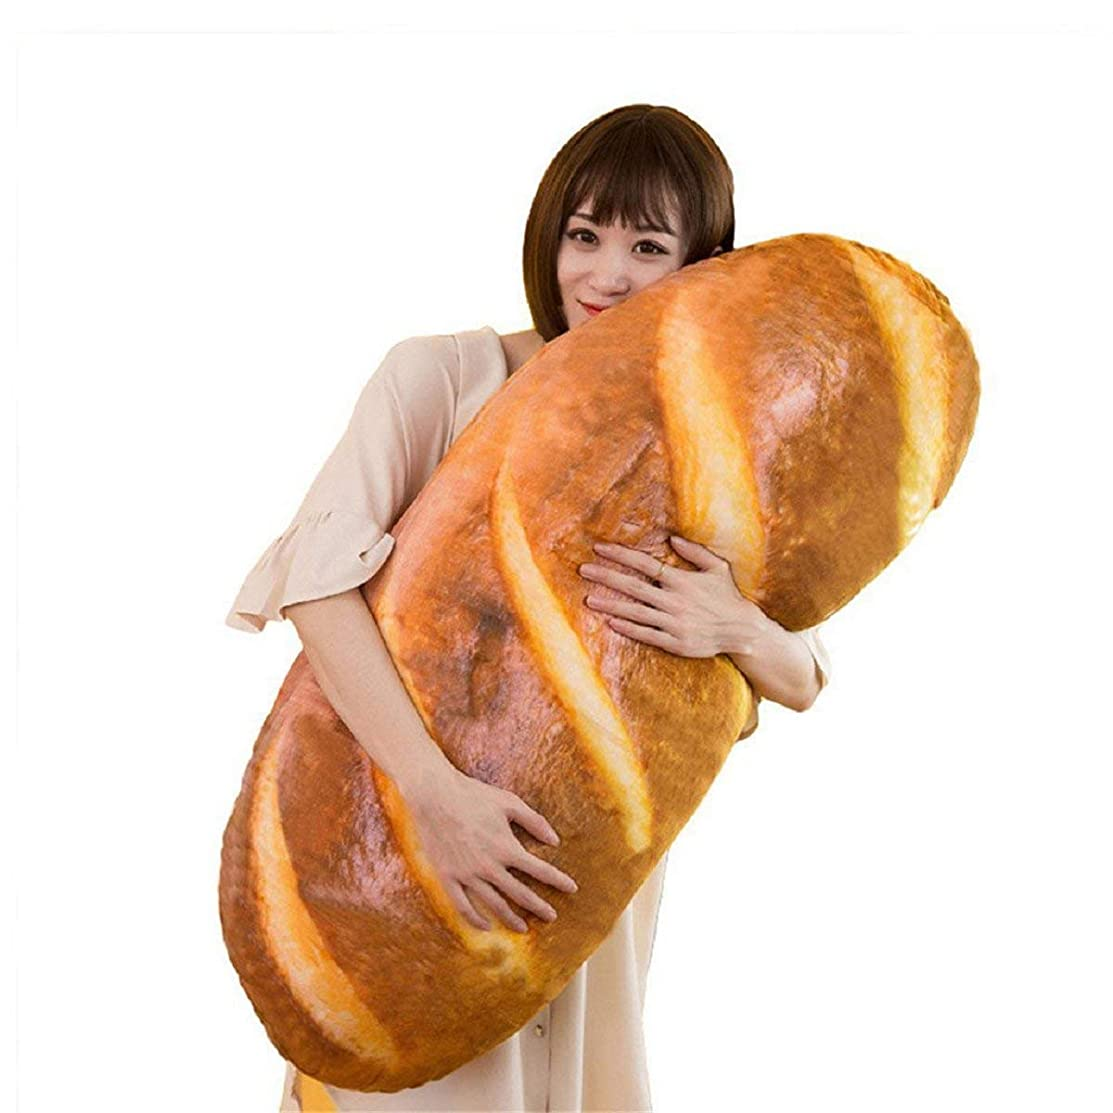 趣味端説明するPutars おかしい3Dシミュレーションのパンの形の枕柔らかいランバーバックのクッションのぬいぐるみのぬいぐるみ鮮やかなパンの形のぬいぐるみの枕/家の装飾40cmのためのボルスター